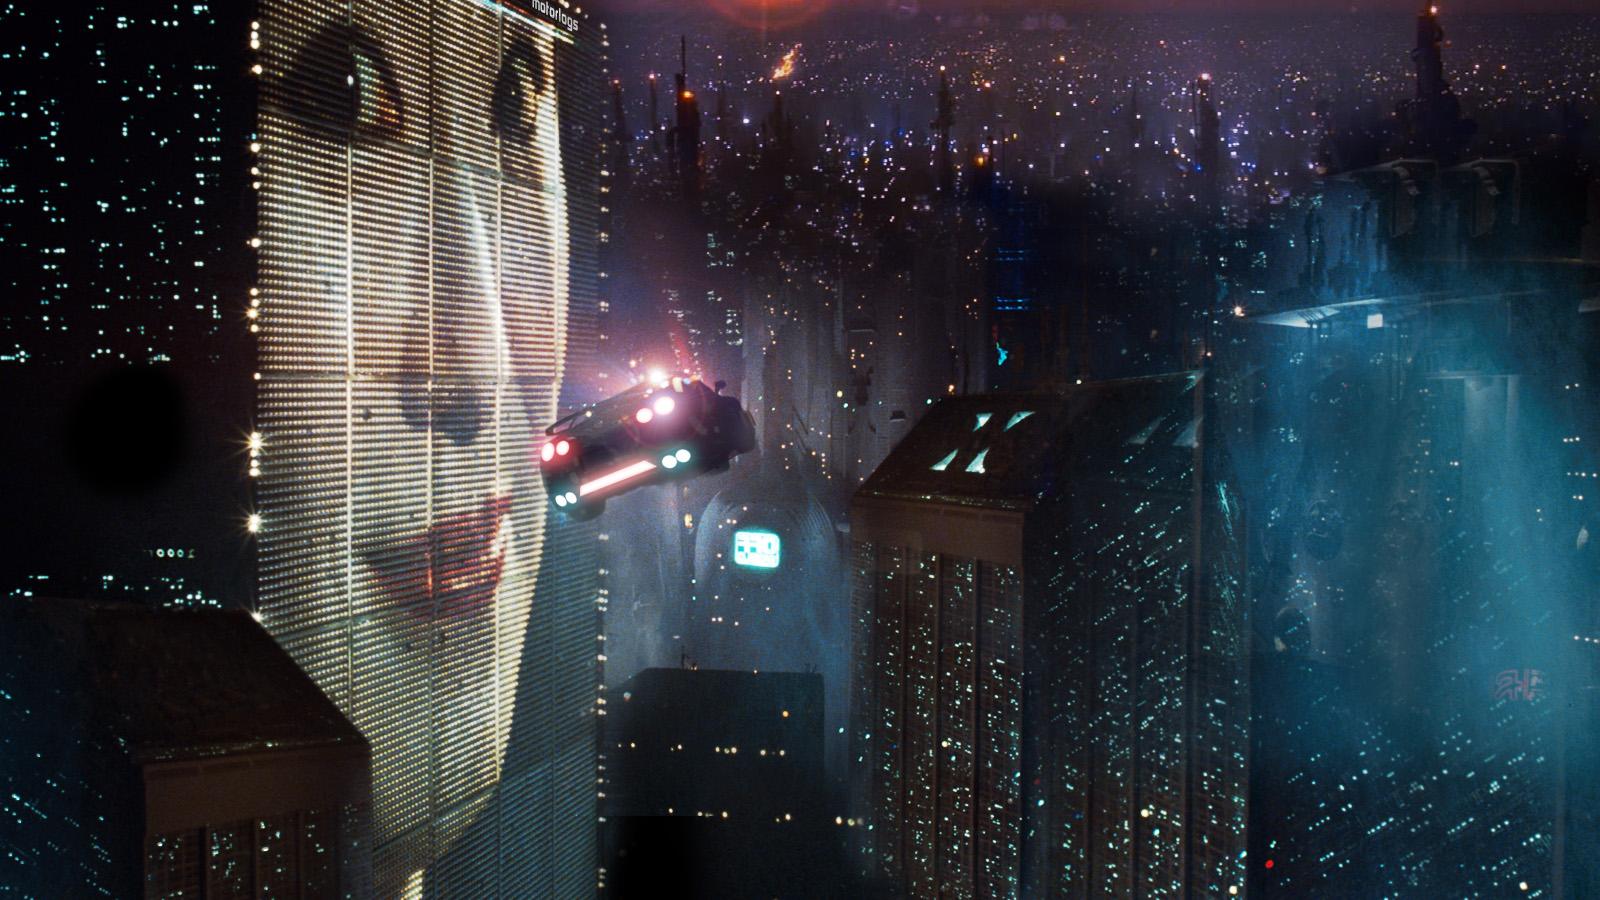 Pojawiły się pierwsze opinie o filmie Blade Runner 2049. Krytycy są zachwyceni